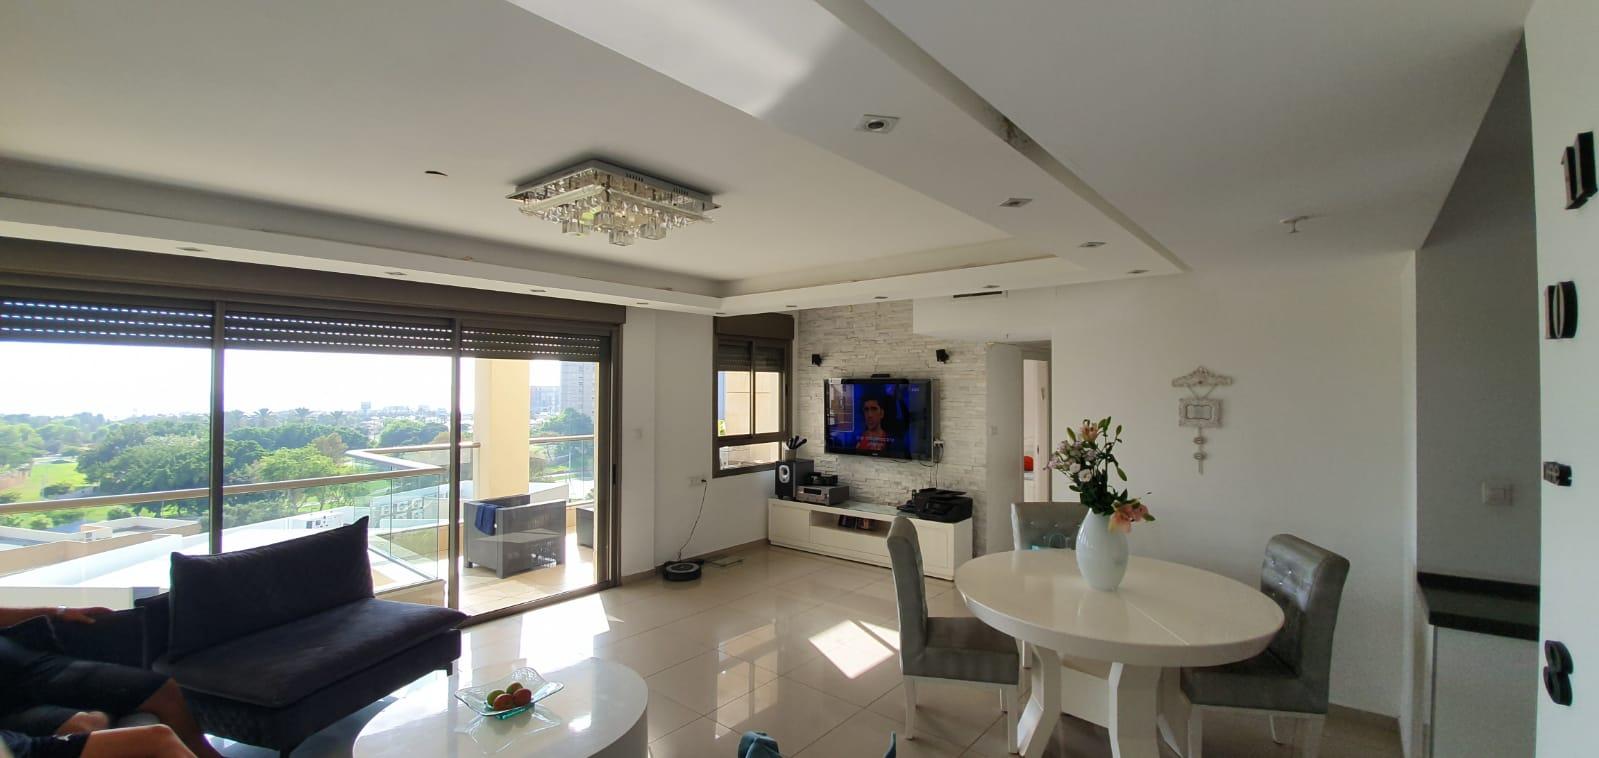 דירה למכירה 4.5 חדרים 2,890,000₪, בת ים